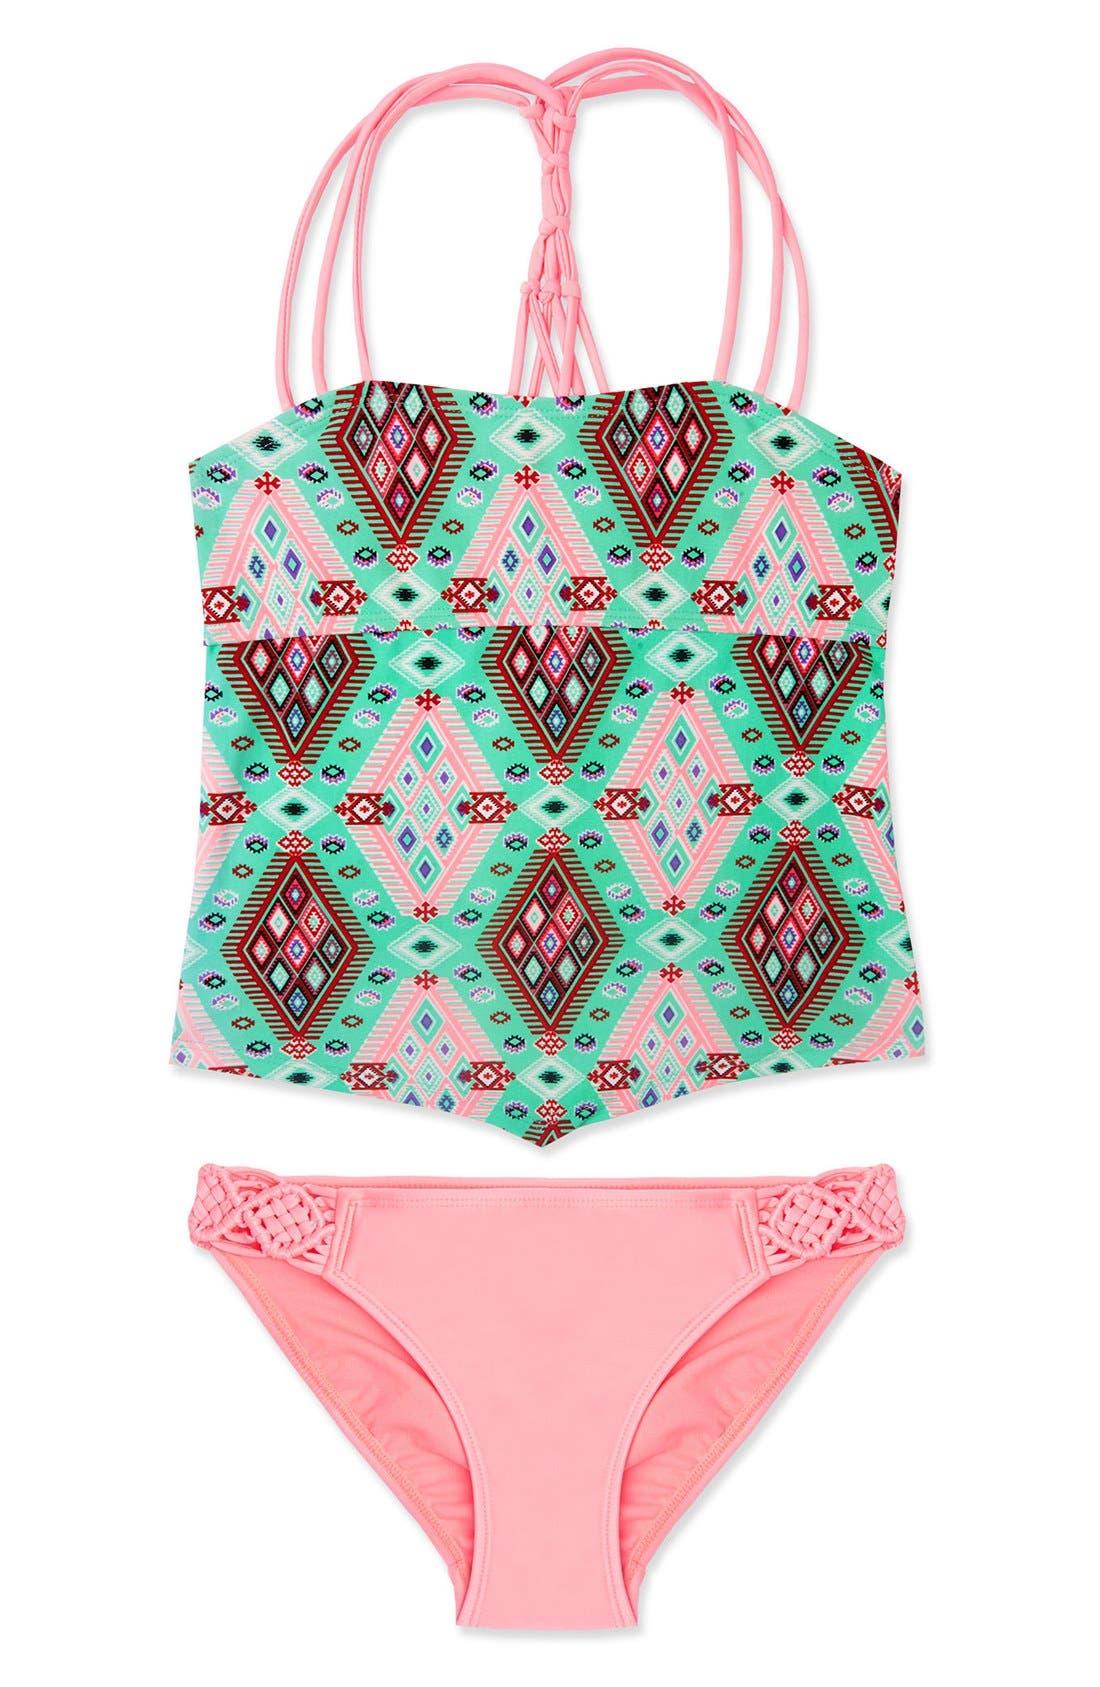 GOSSIP GIRL Aztec Harvest Two-Piece Swimsuit